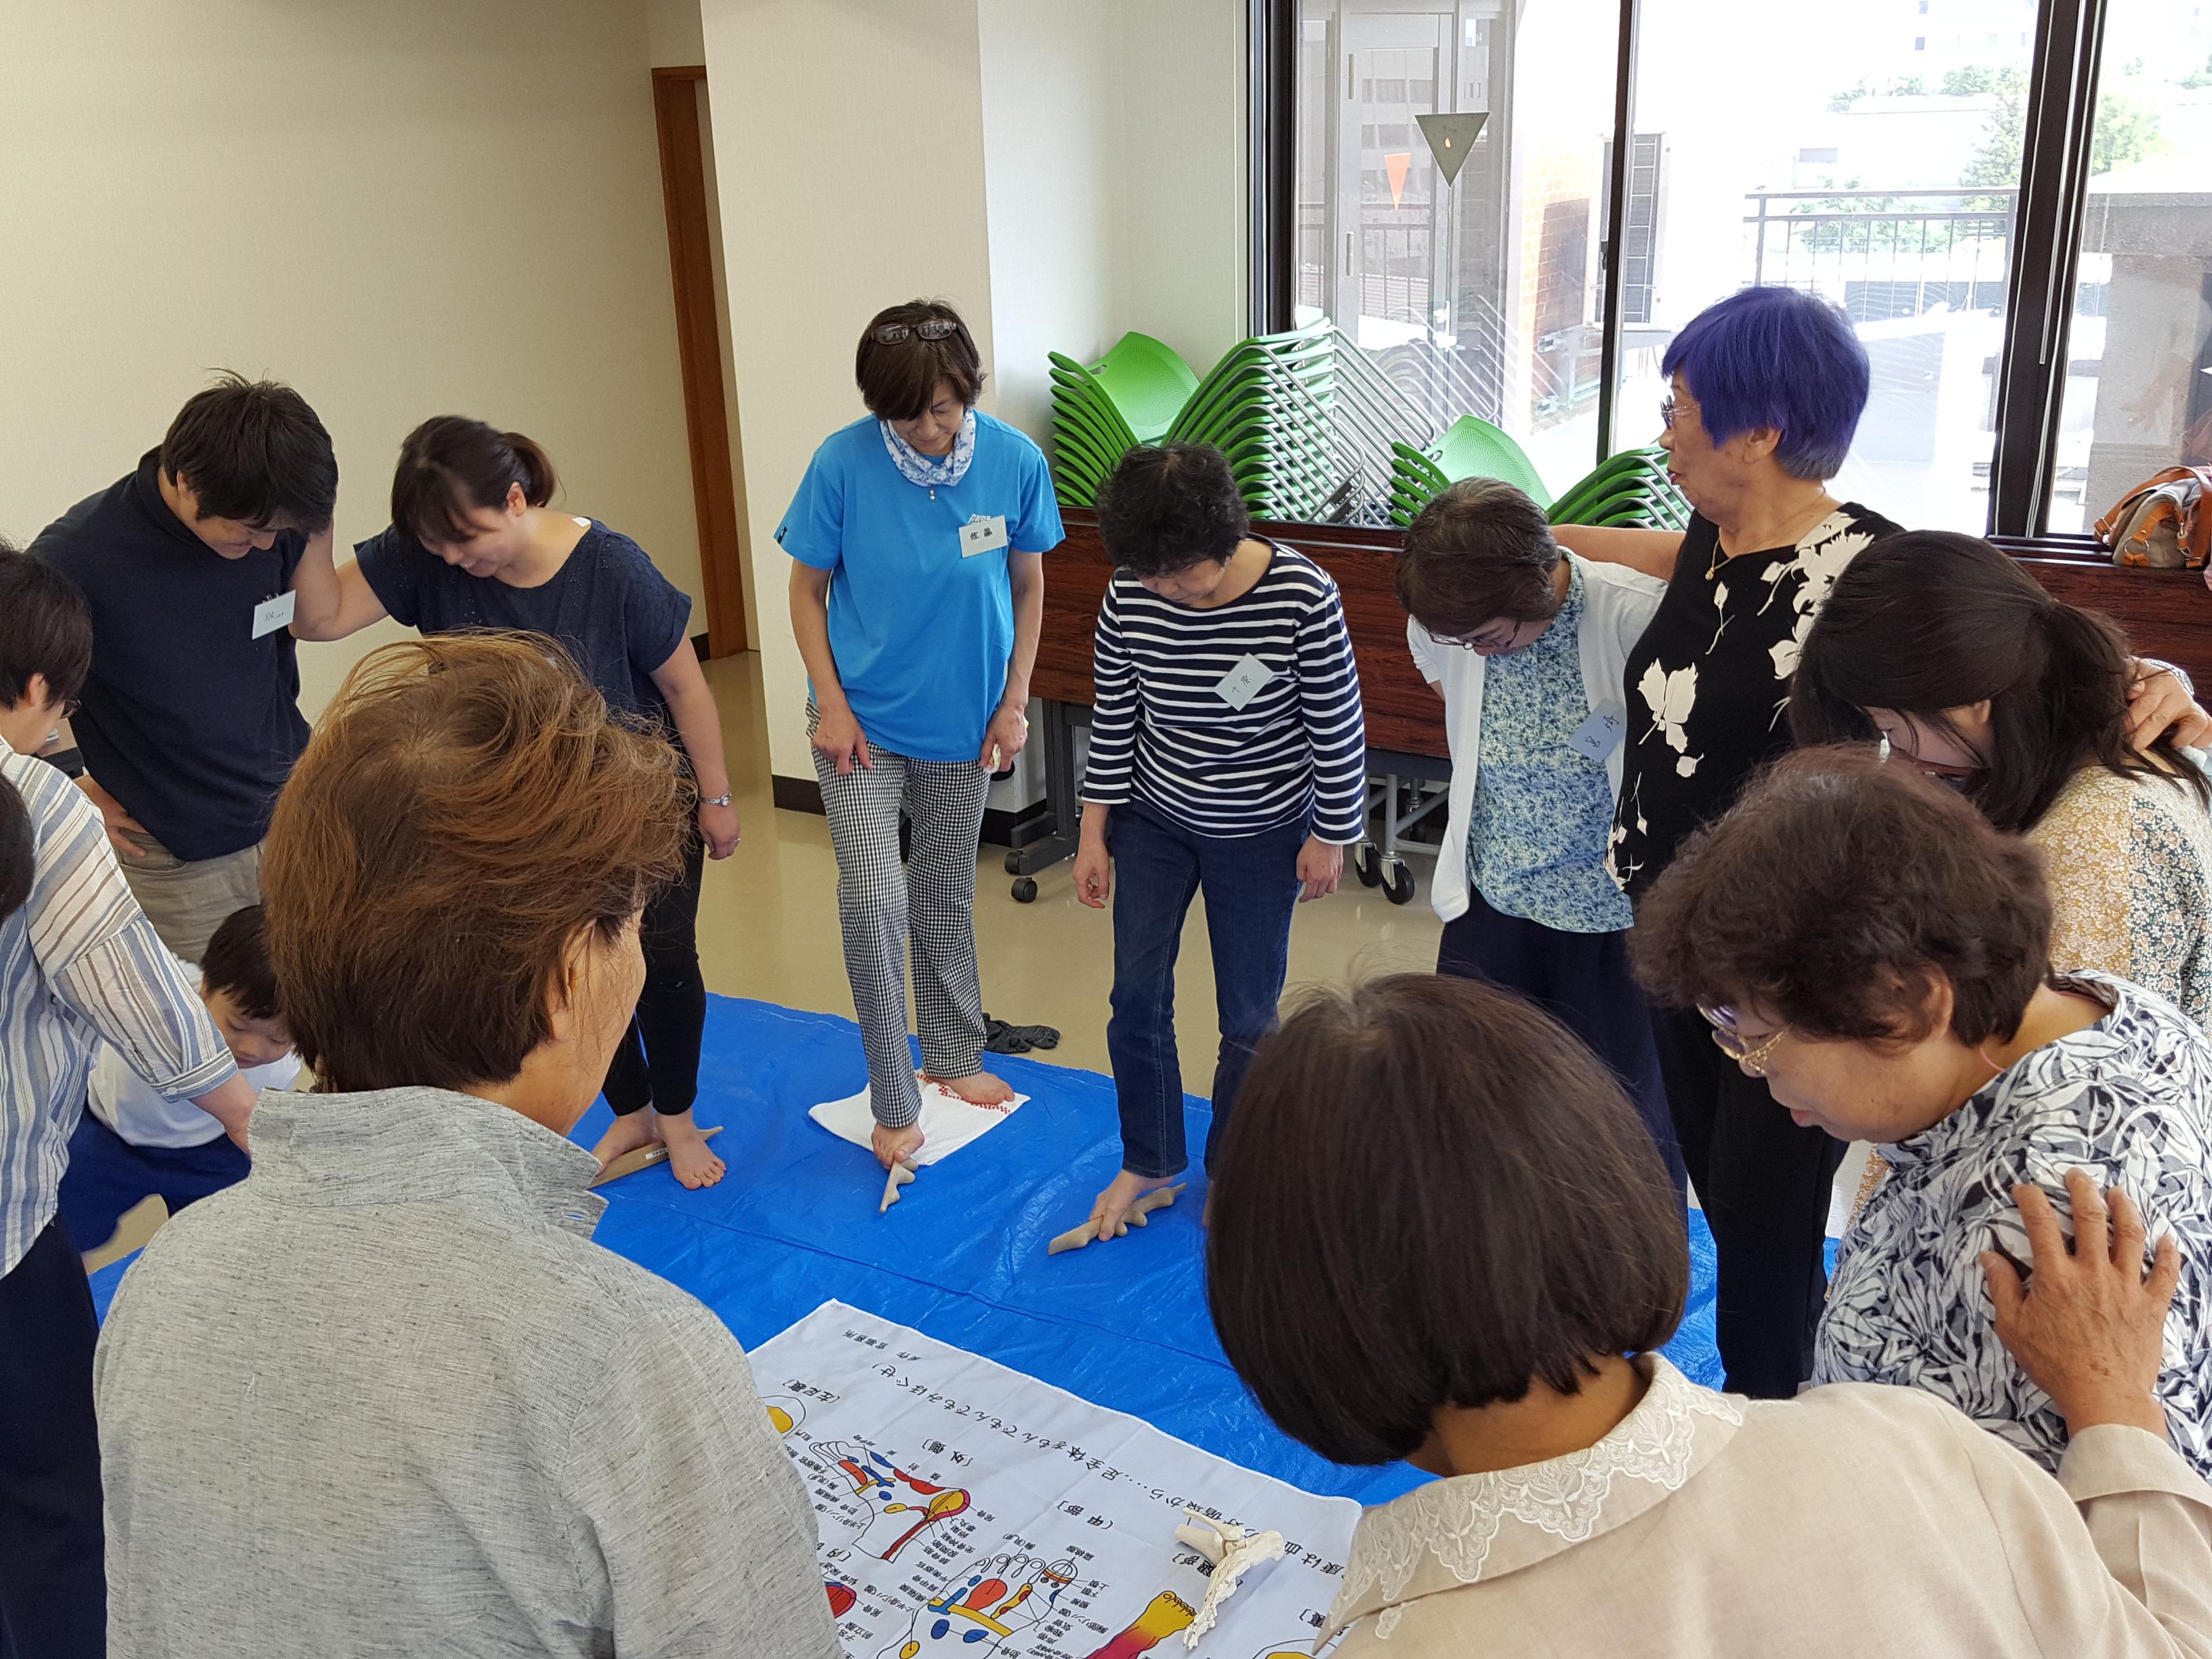 官足法名古屋講習会を開催します。